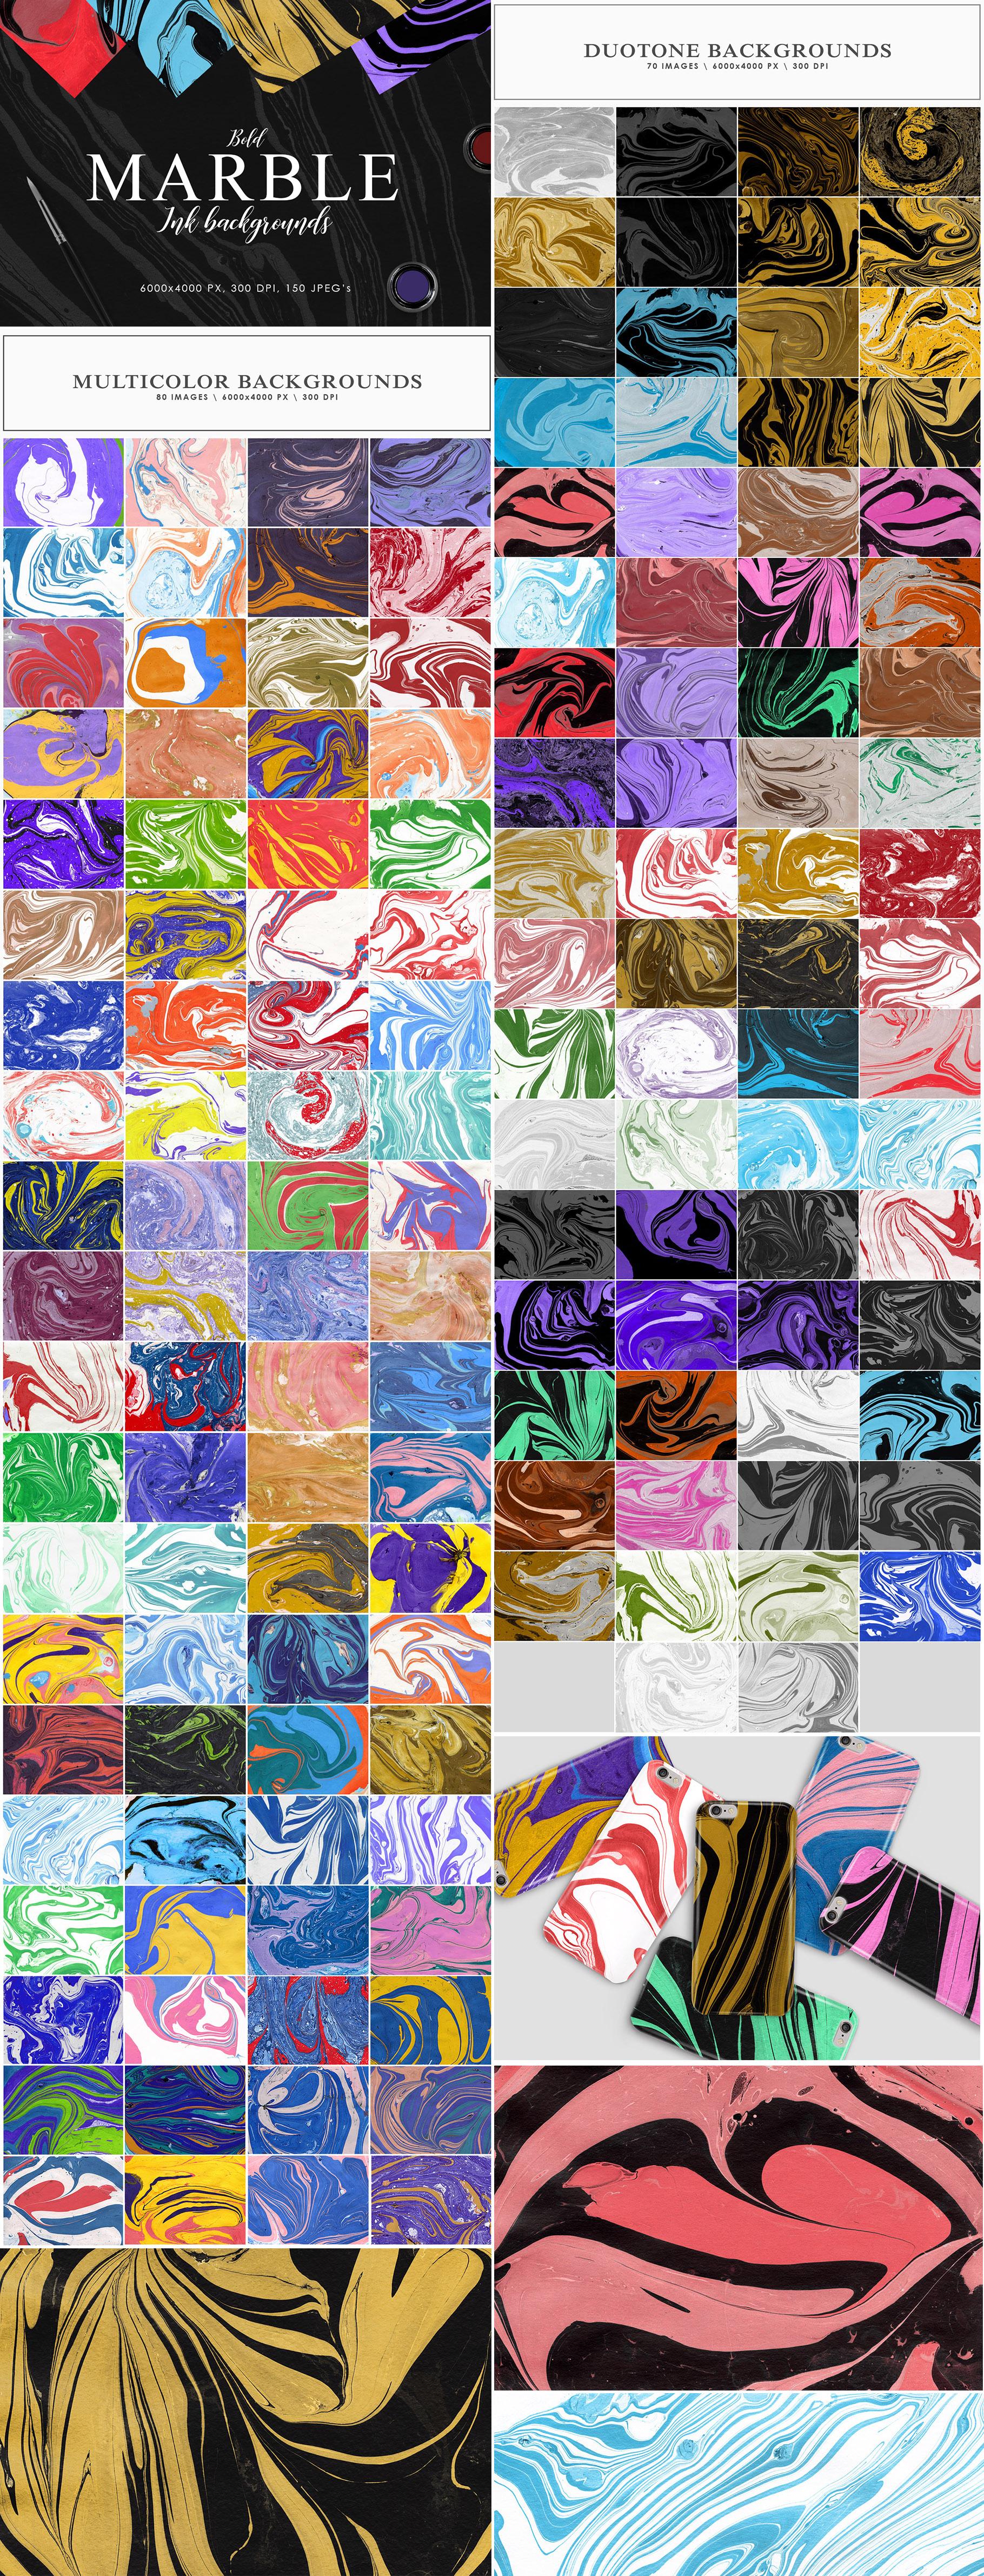 Aesthetic Backgrounds BUNDLE example image 4